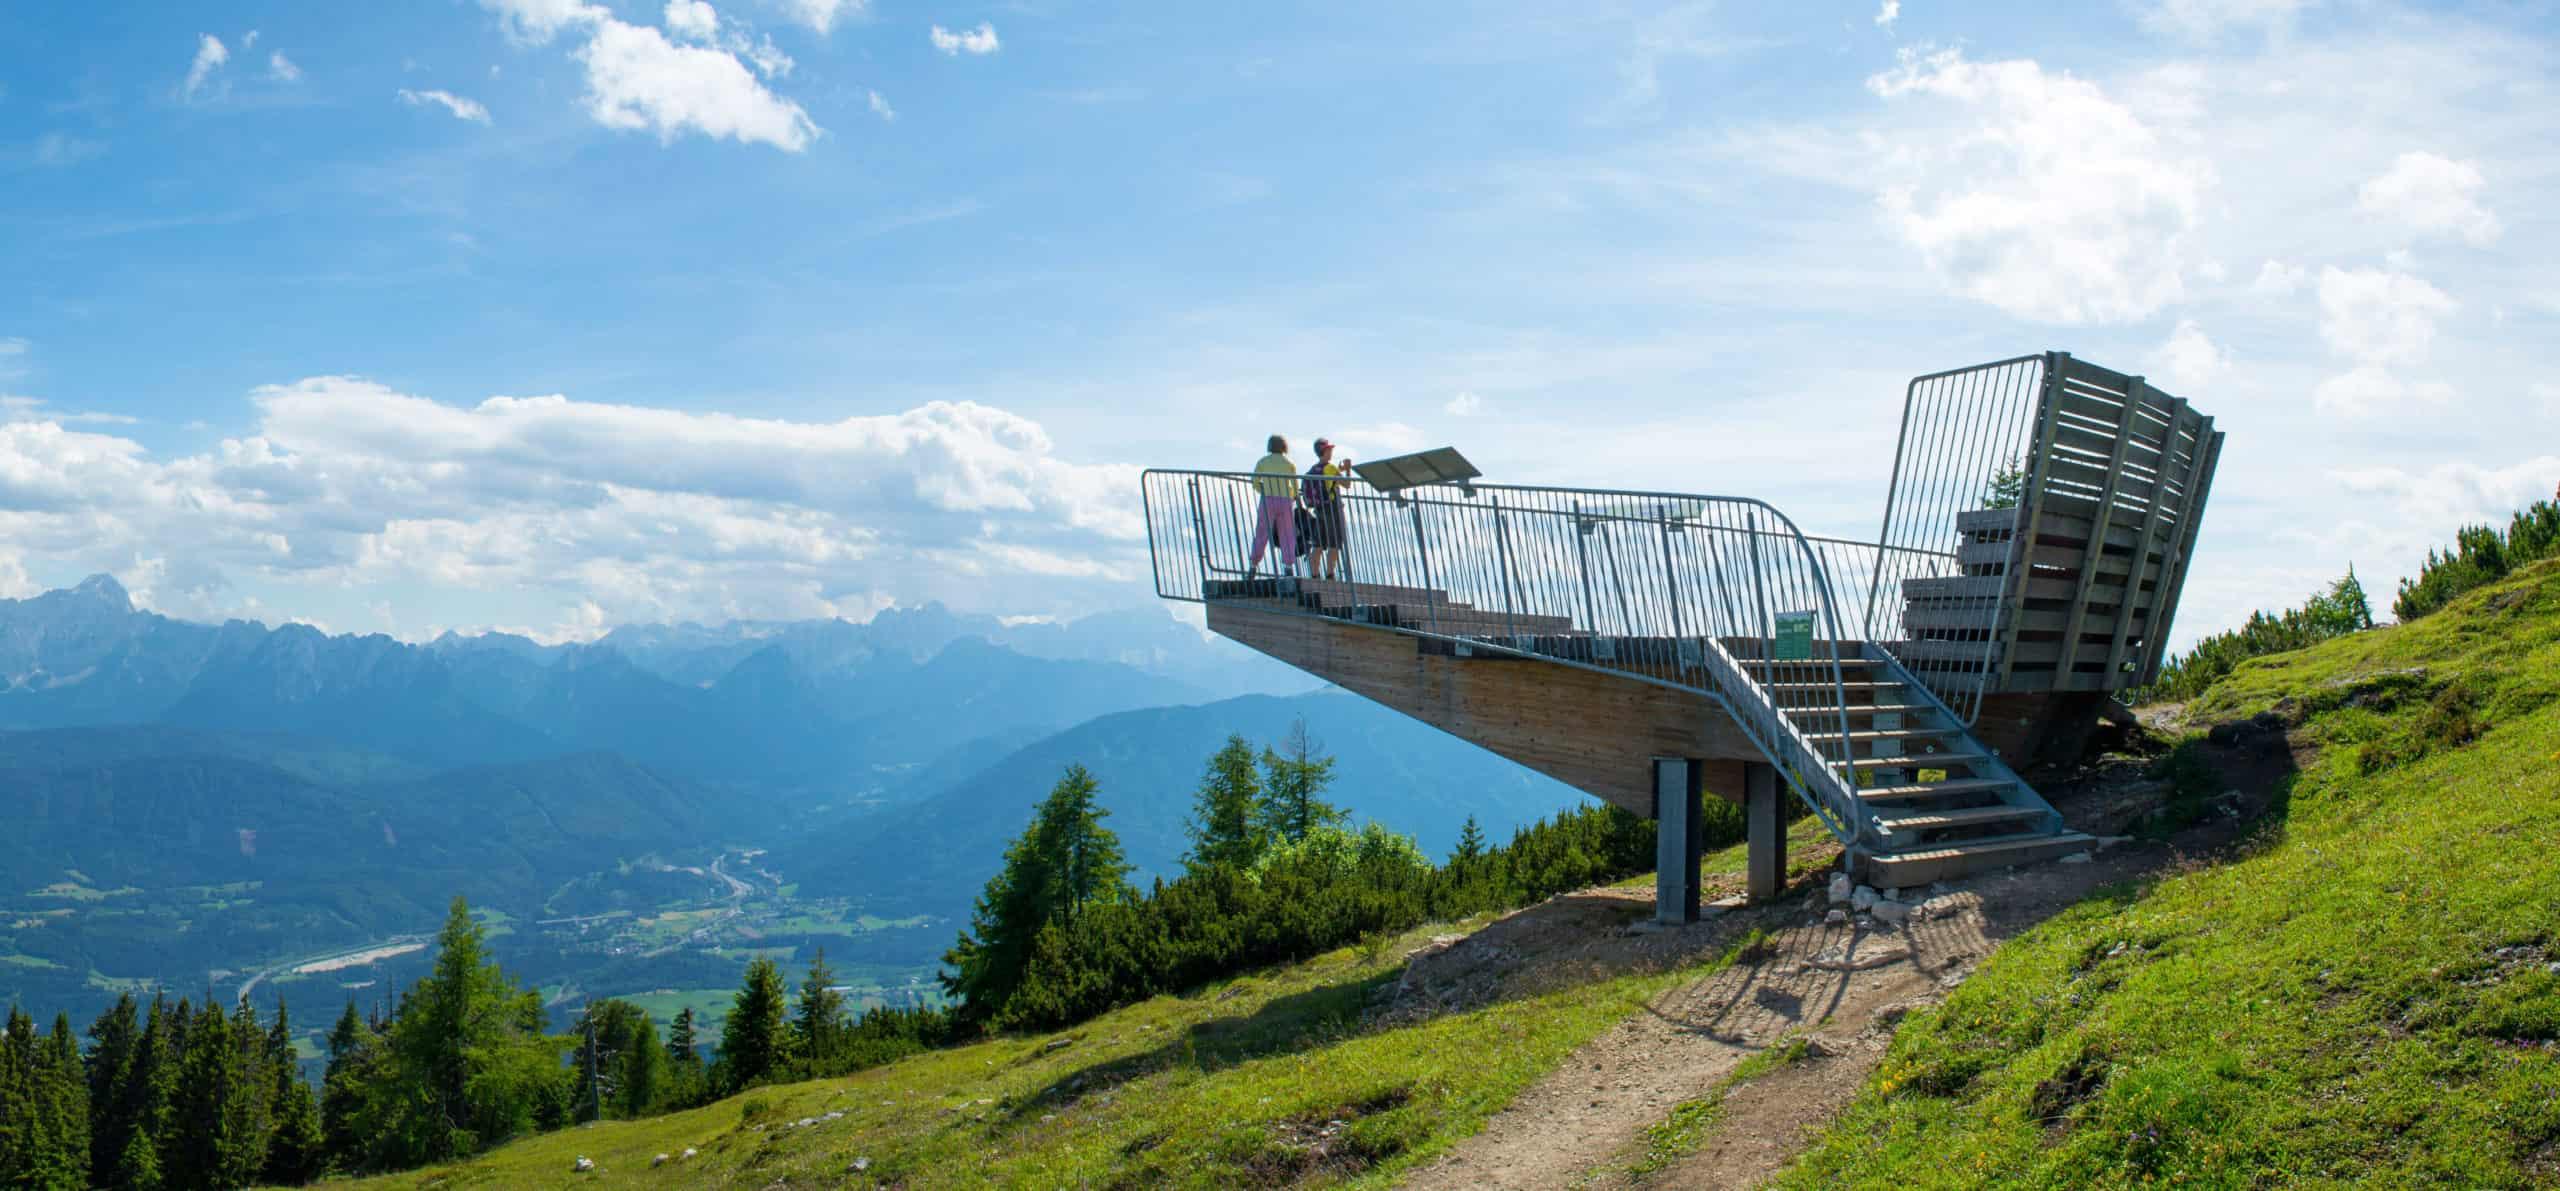 Ausflugstipp Villach - Naturpark Dobratsch und Villacher Alpenstraße mit Aussichtplattformen